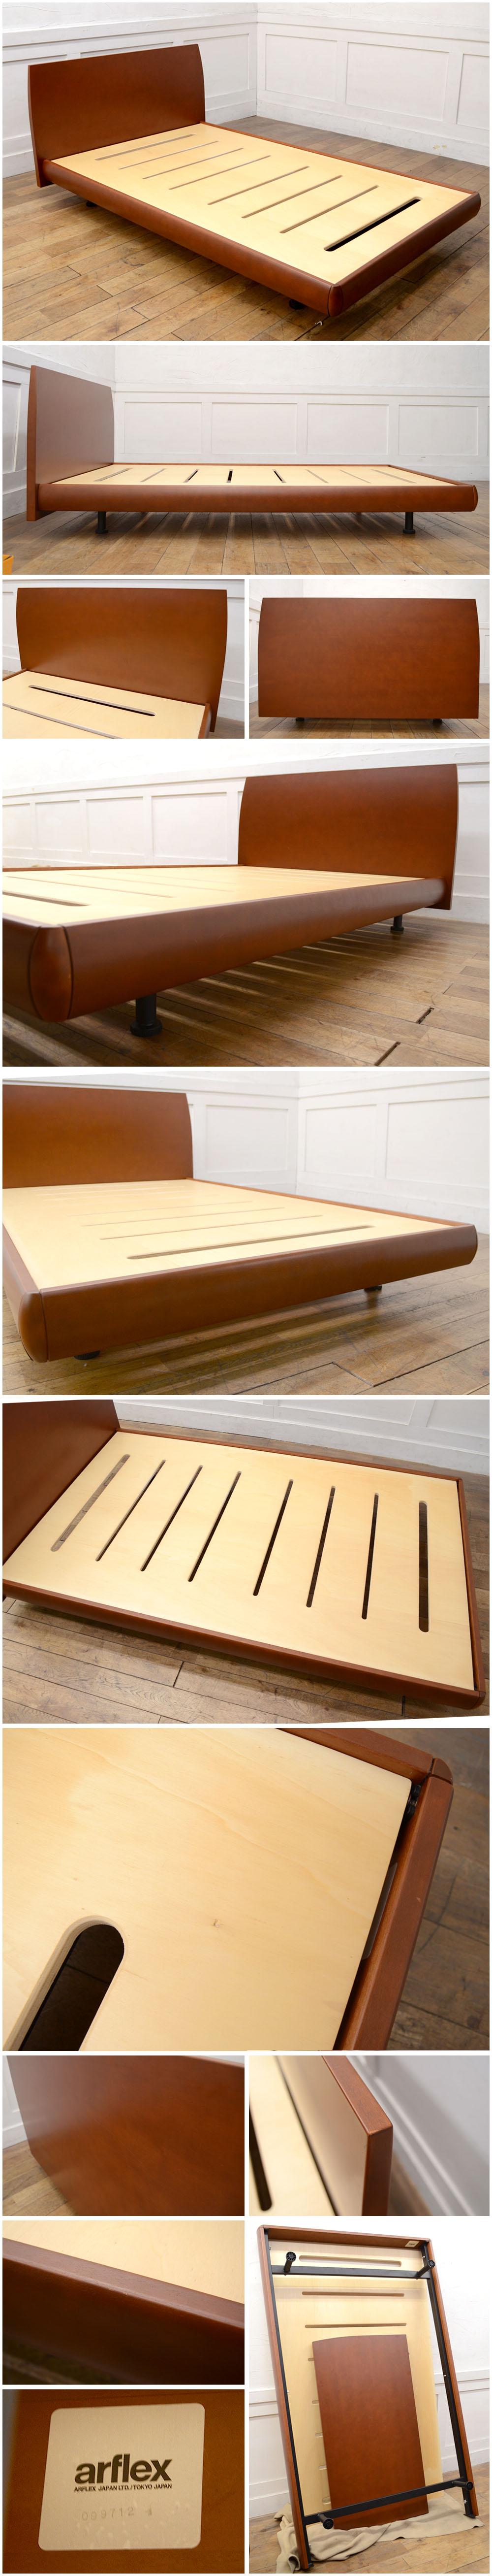 セミダブル ベッド セミダブル ikea : ... セミダブル ベッドフレーム